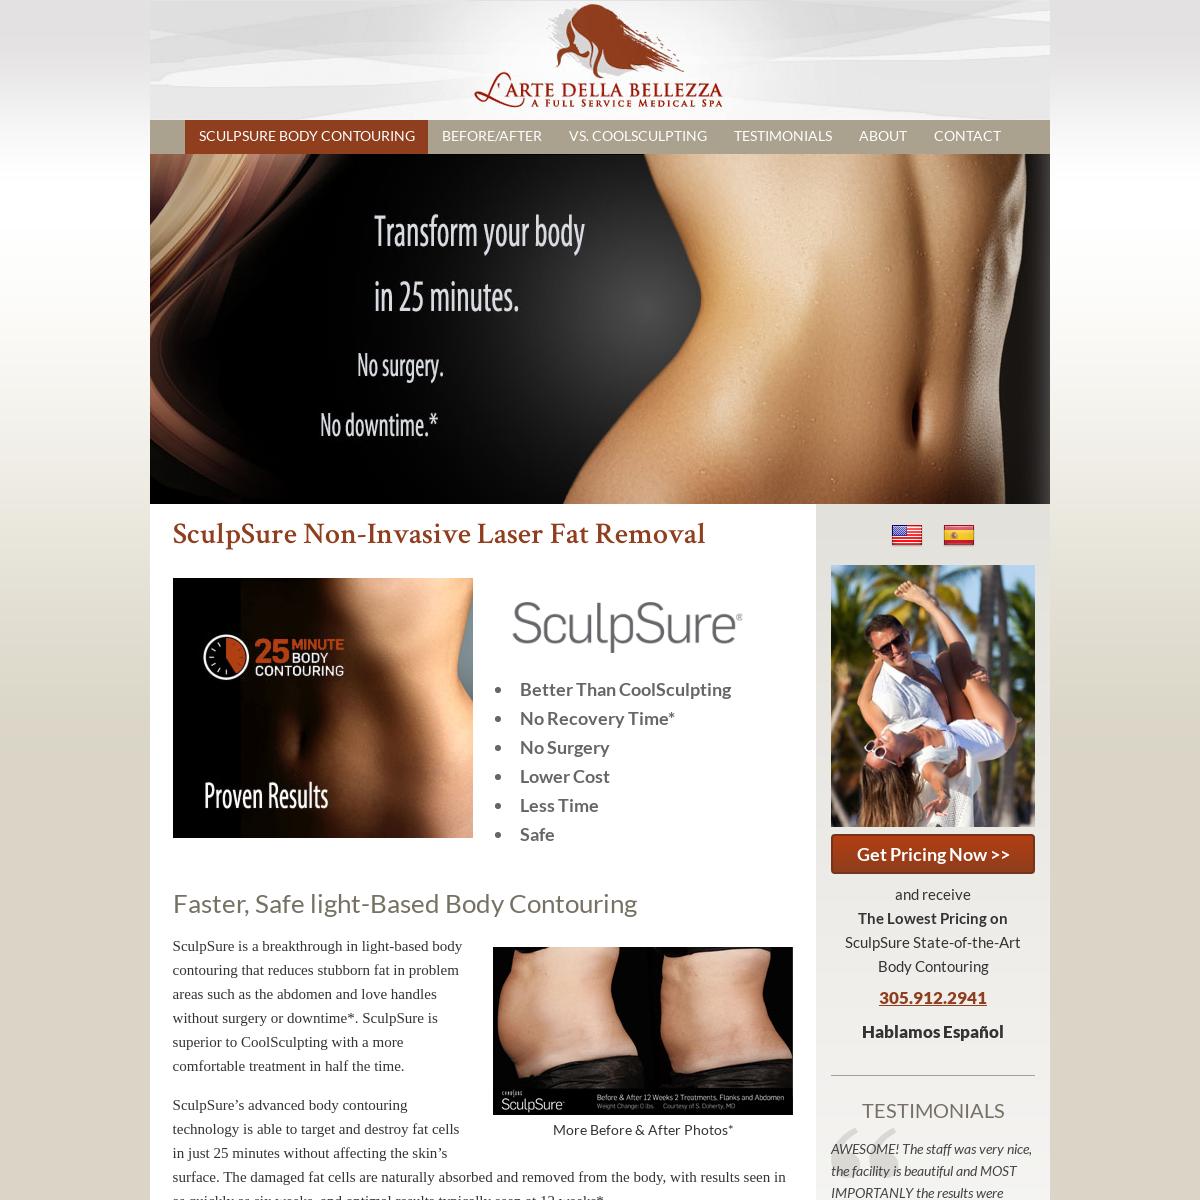 #1 Miami SculpSure Body Contouring Spa - BellezzaSculpSureMiami.com